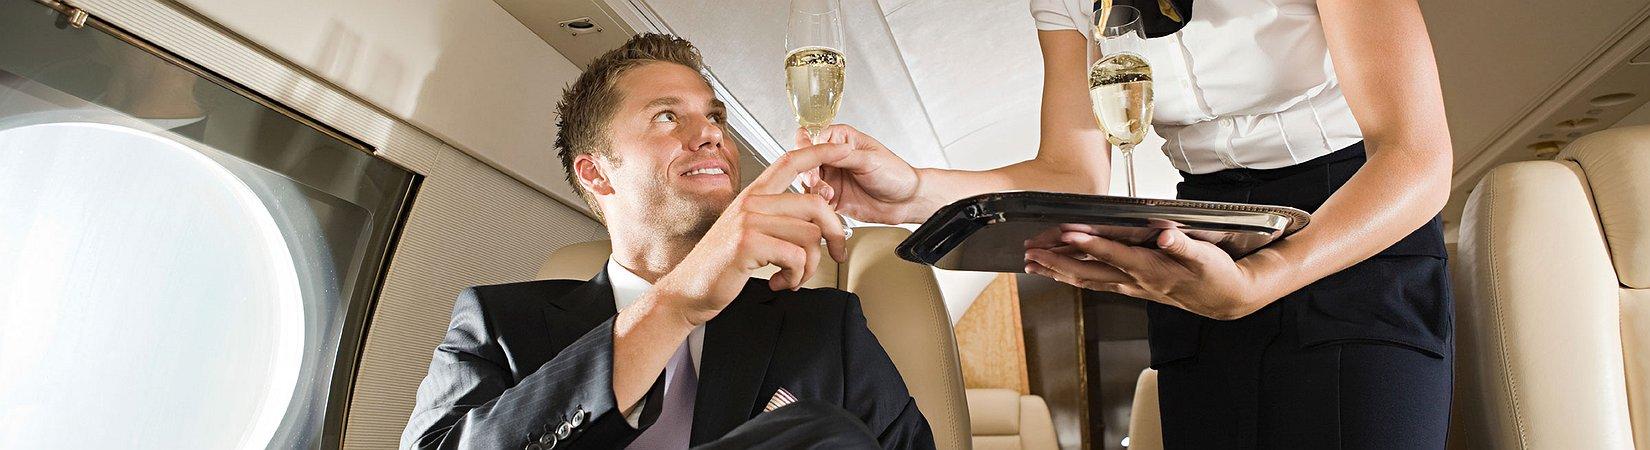 8 regole per viaggiare in aereo come un vero gentiluomo